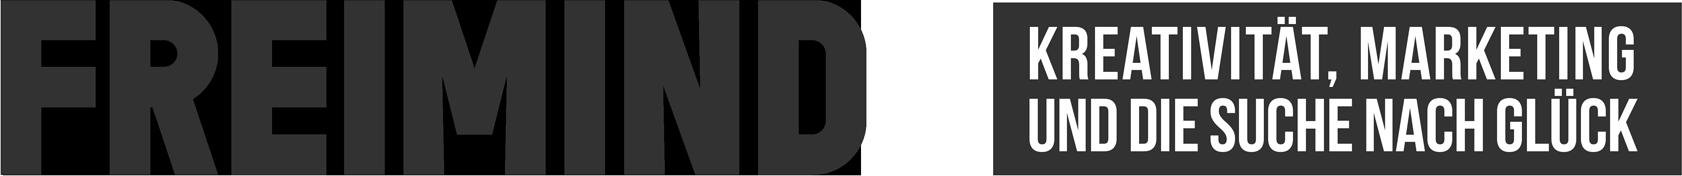 freimind-logo.png